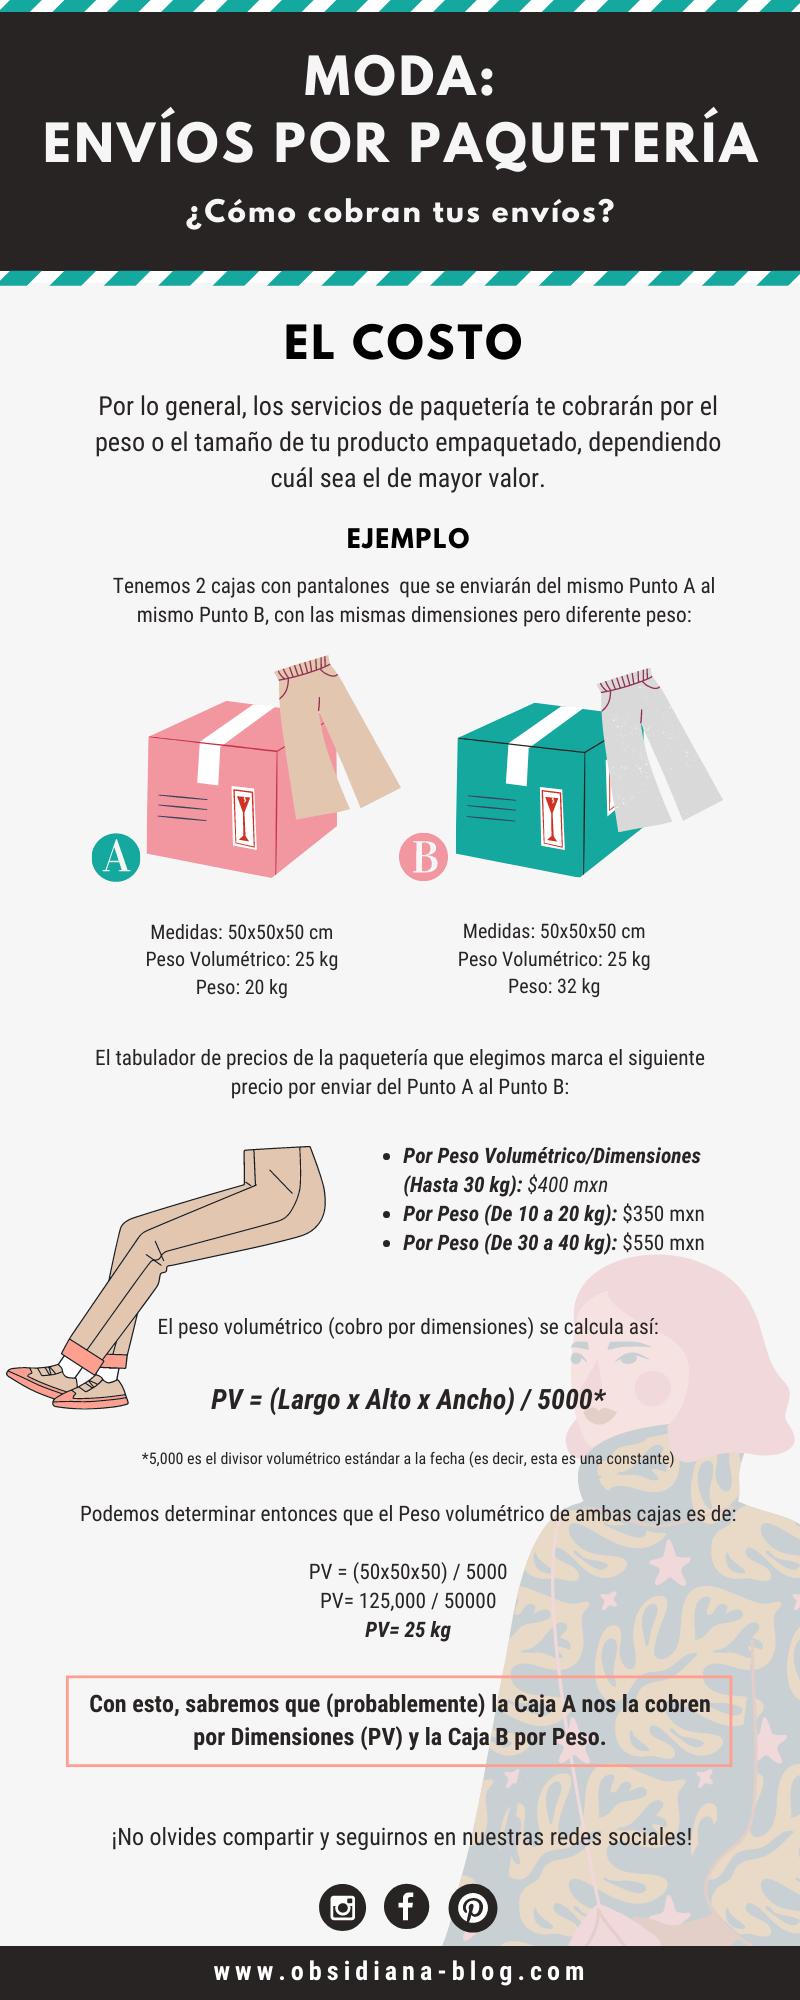 Como funcionan las paqueterias de envio